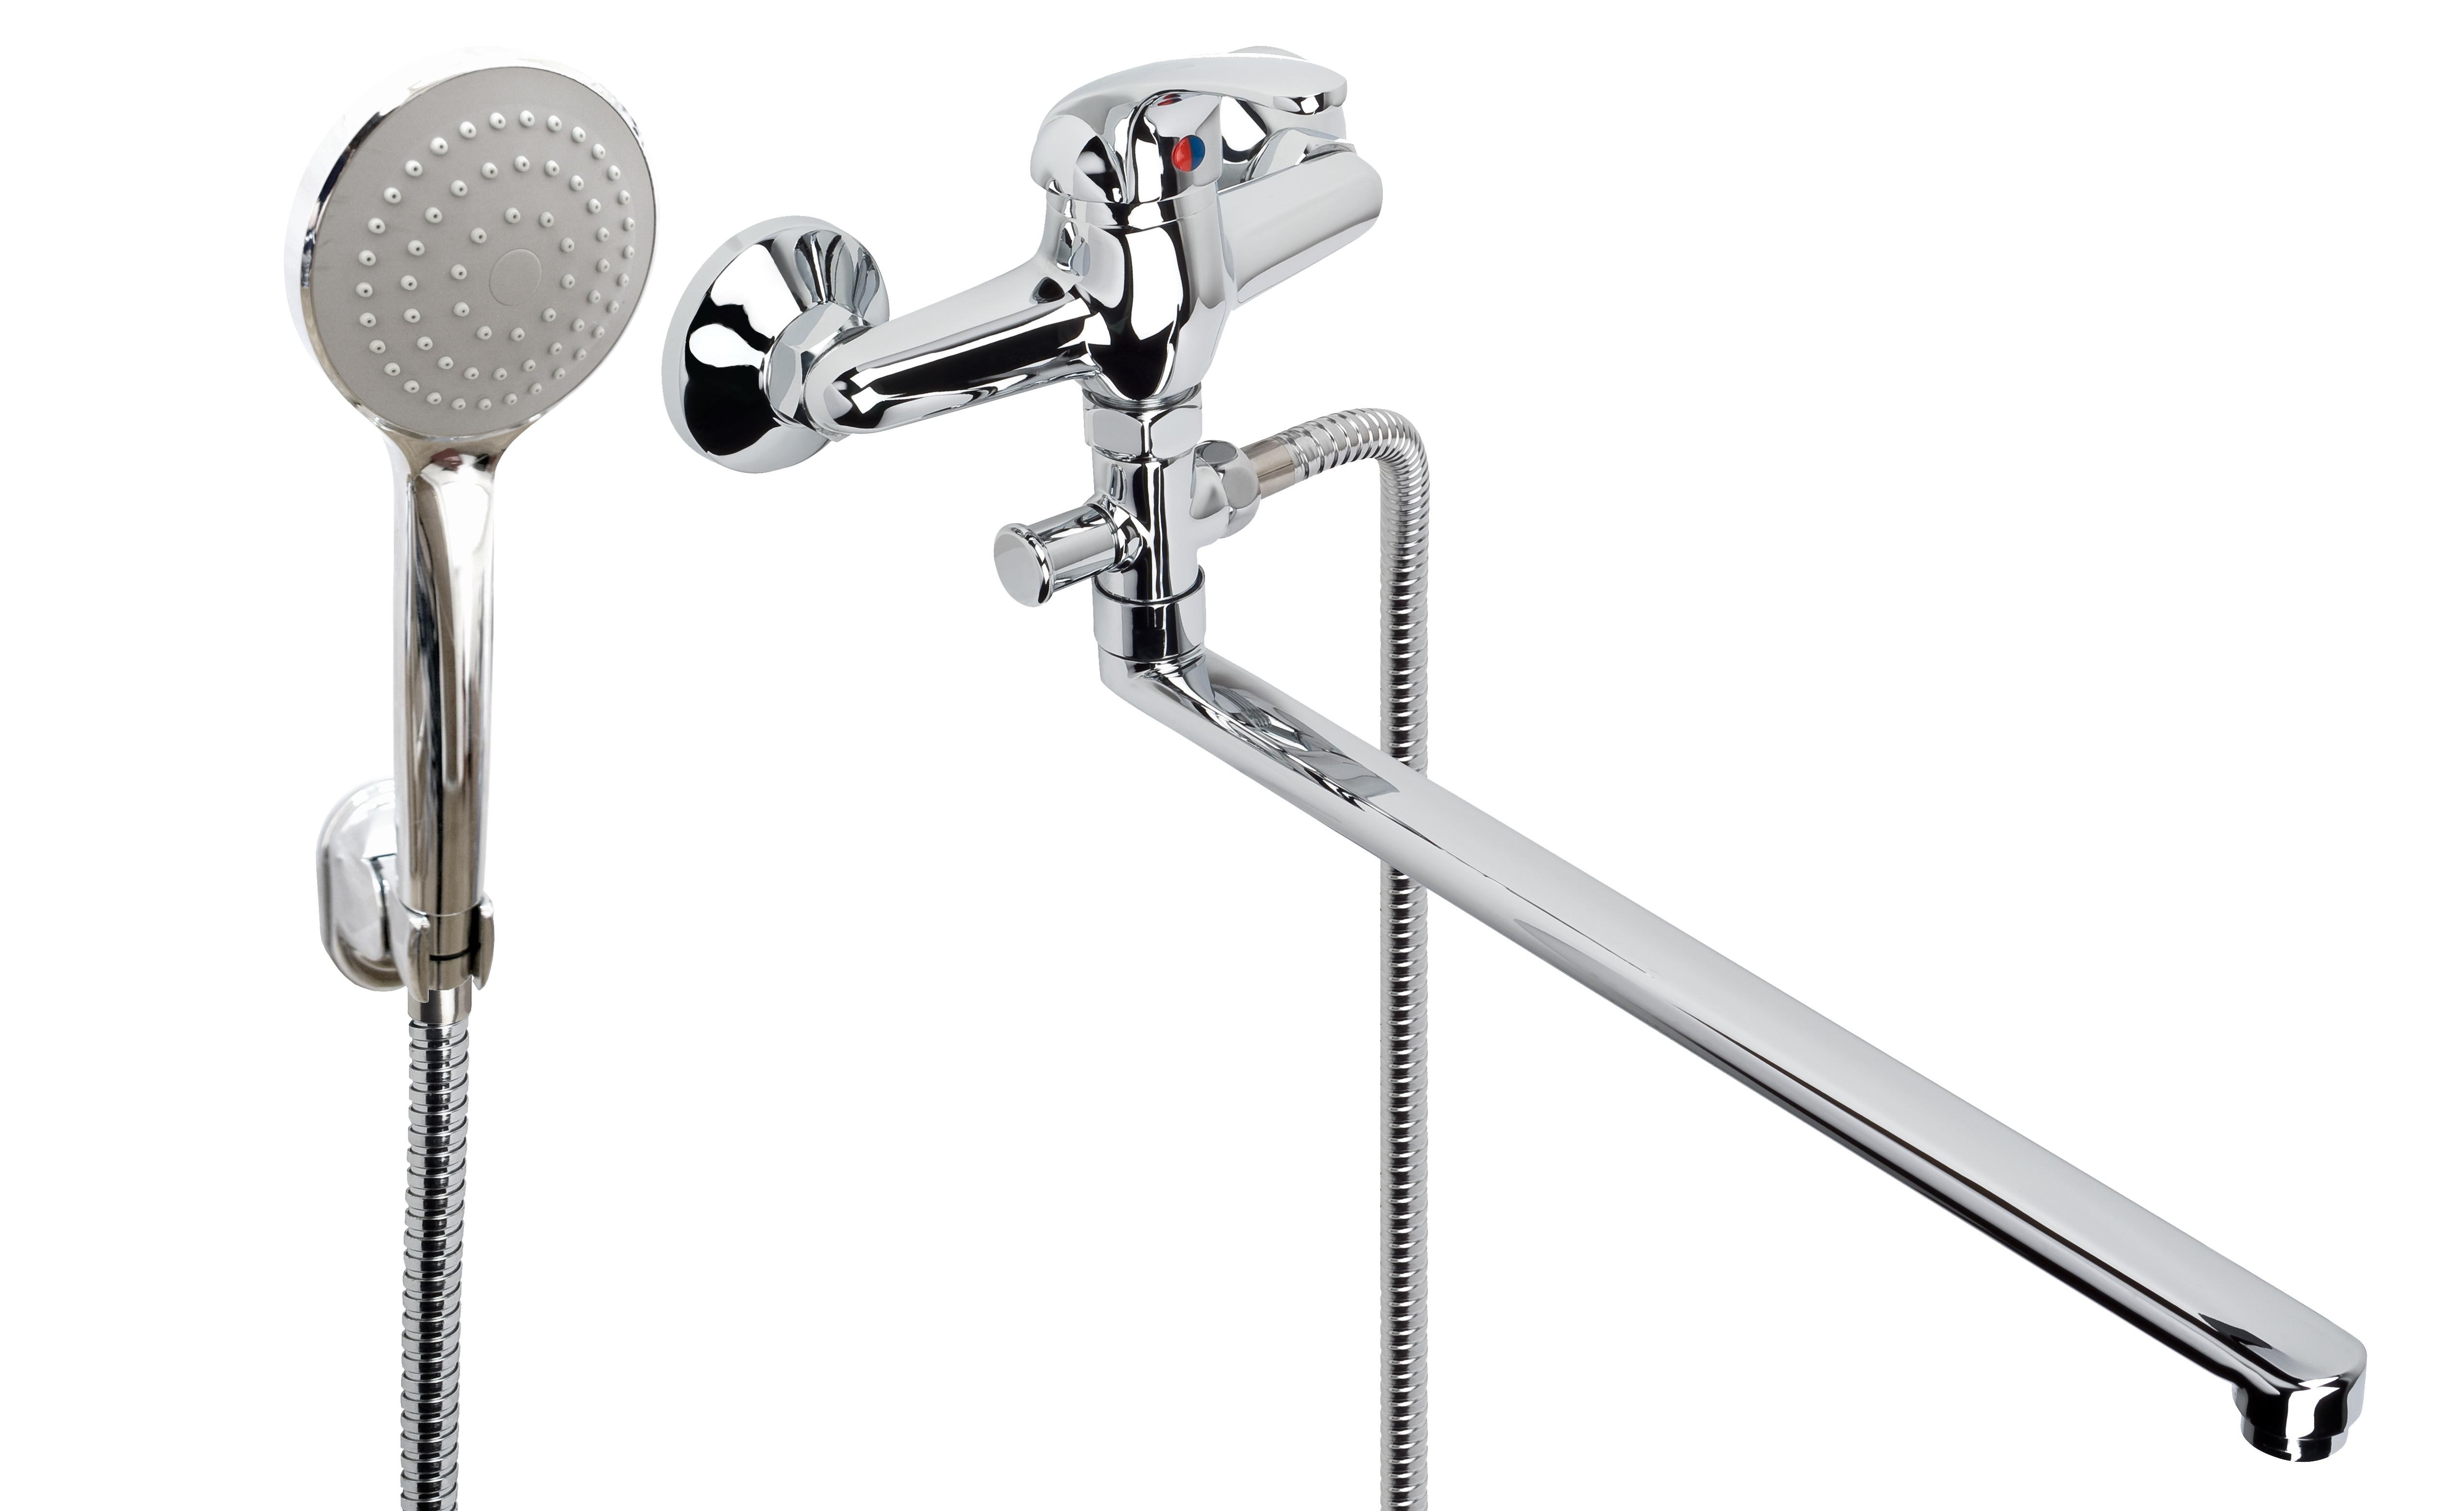 Смеситель для ванны ArgoСмесители<br>Назначение смесителя: для ванны и душа,<br>Тип управления смесителя: однорычажный,<br>Цвет покрытия: хром,<br>Стиль смесителя: модерн,<br>Монтаж смесителя: горизонтальный,<br>Тип установки смесителя: на борт ванны,<br>Материал смесителя: латунь,<br>Излив: традиционный,<br>Аэратор: есть,<br>Лейка: есть,<br>Родина бренда: Россия,<br>Гарантия: 60<br>